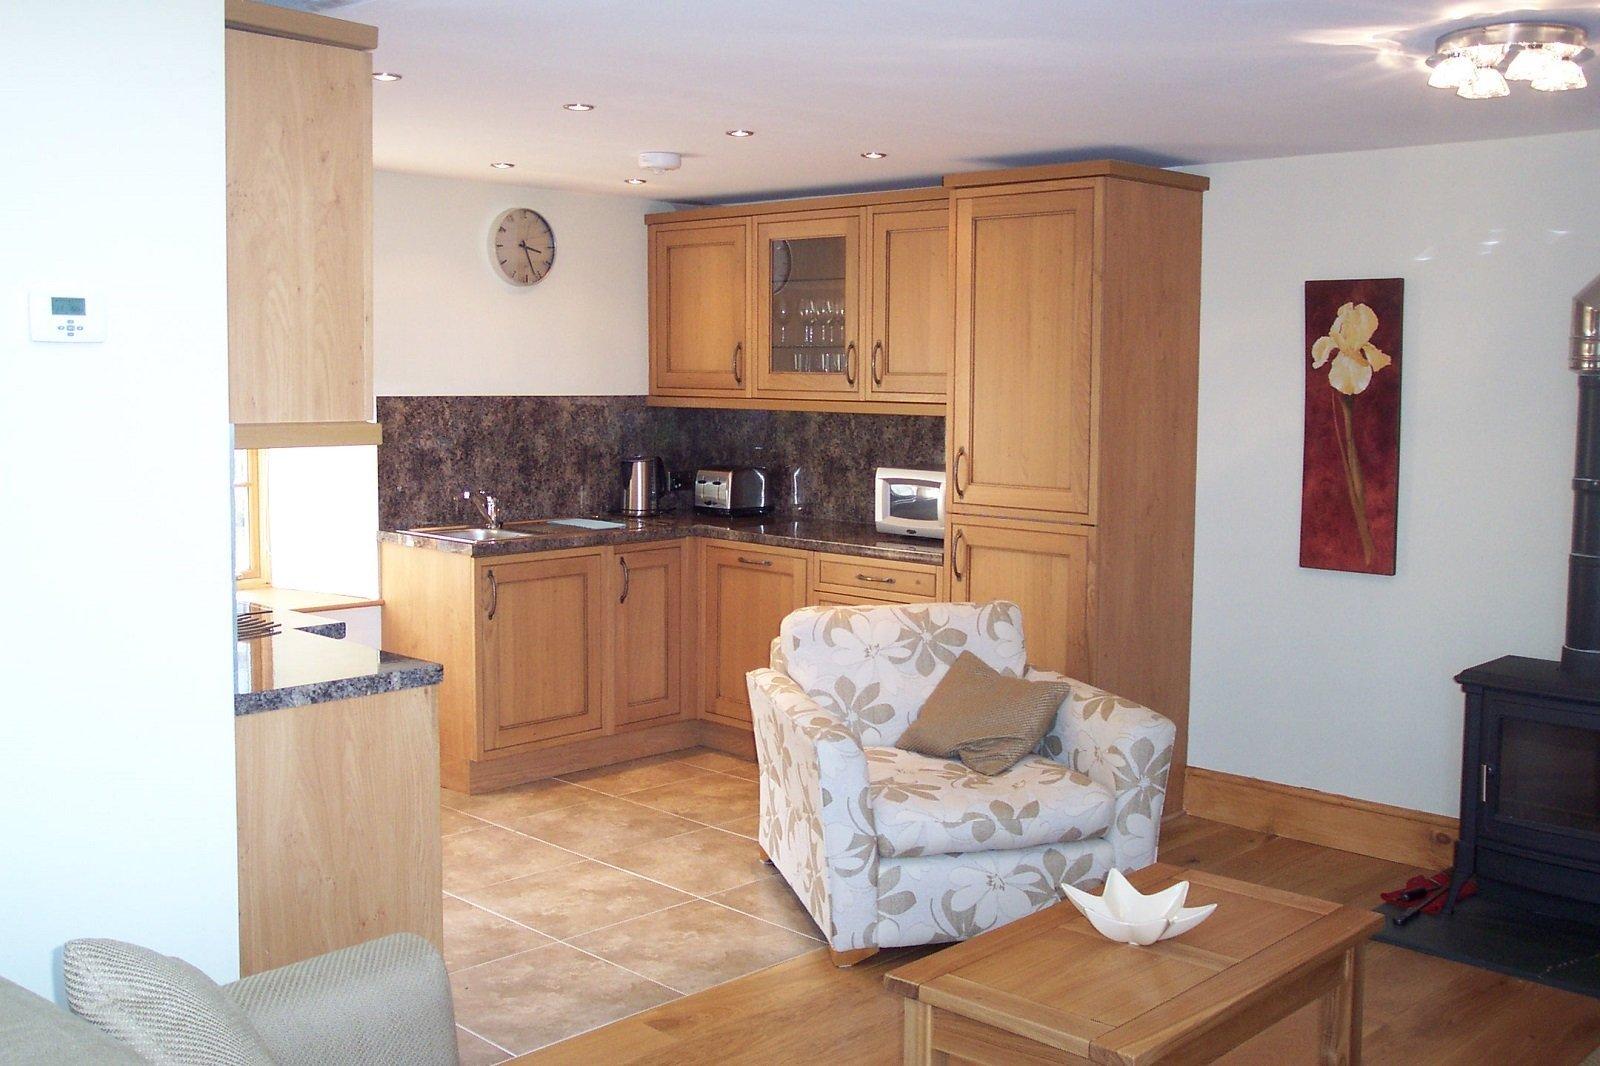 woodmans kitchen